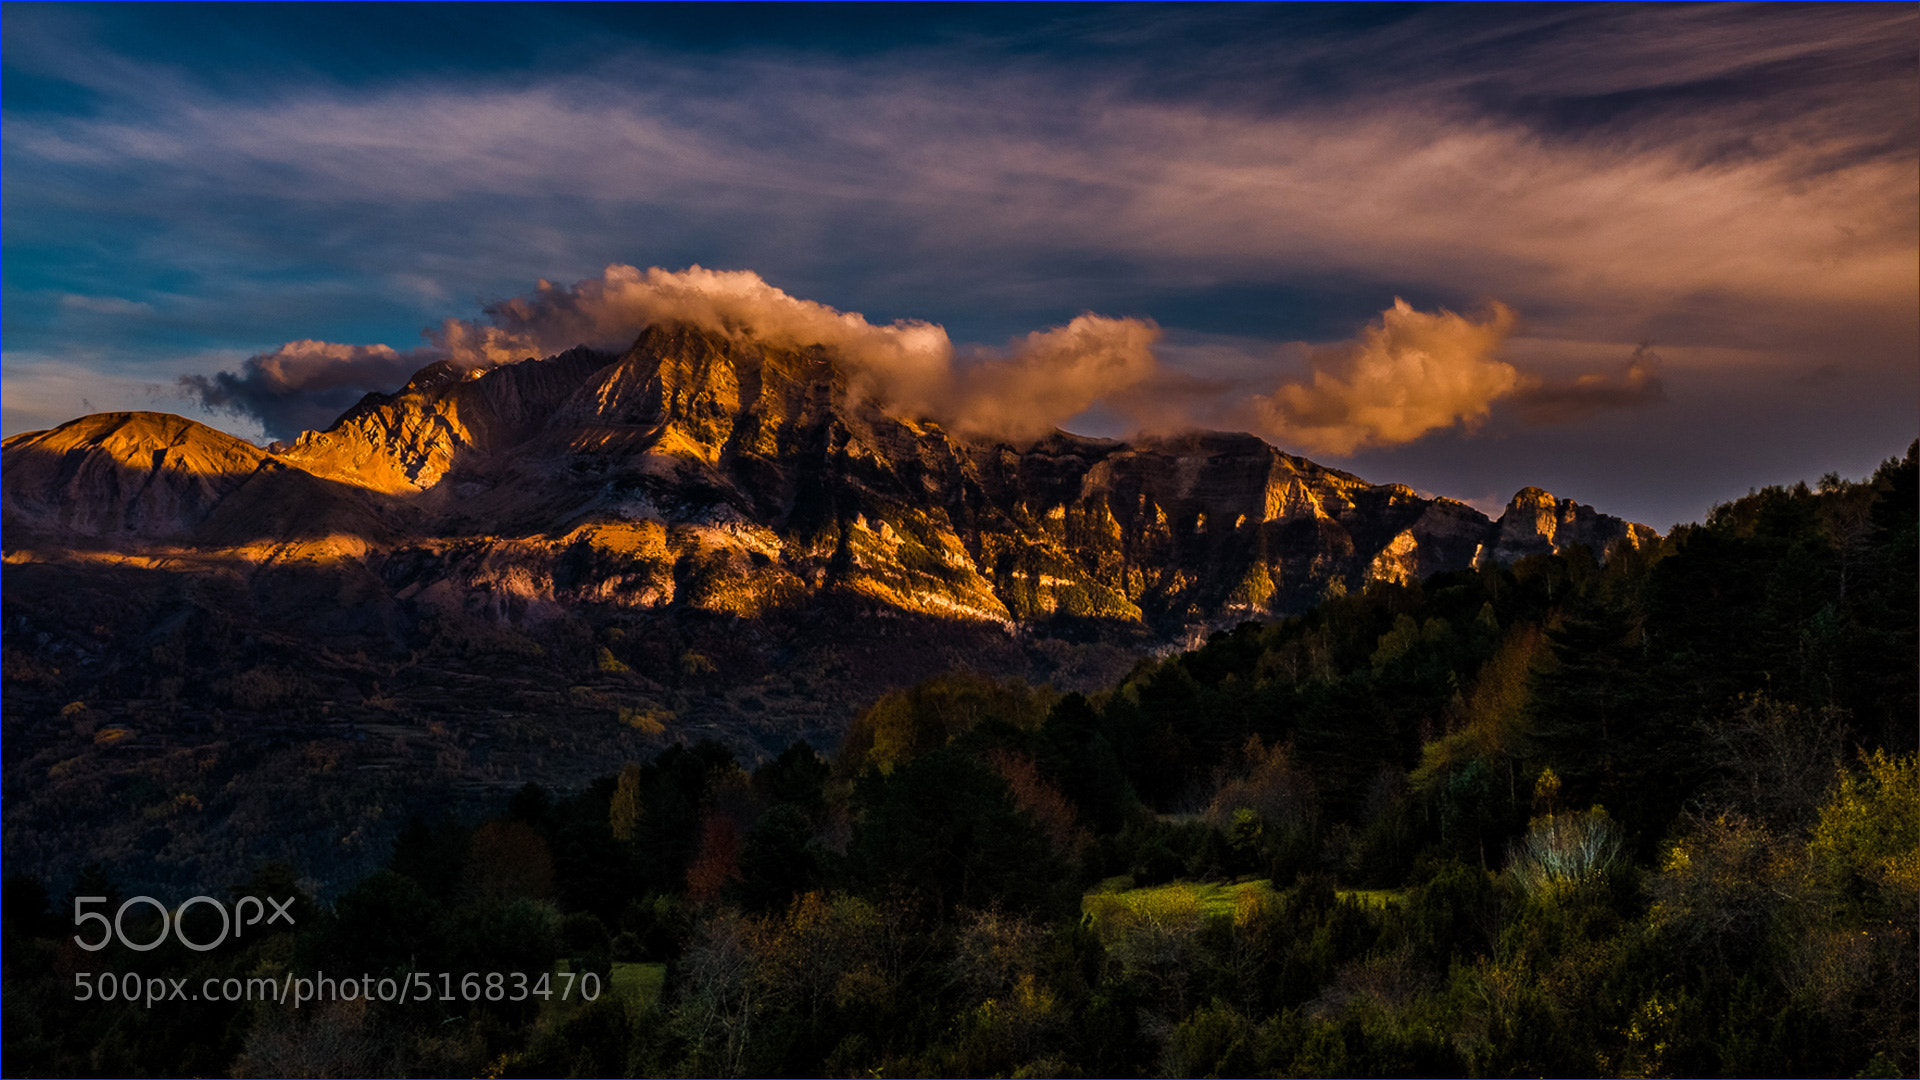 Photograph Pico Royo-Peña Blanca (Huesca) by Ferran Cartagena  on 500px